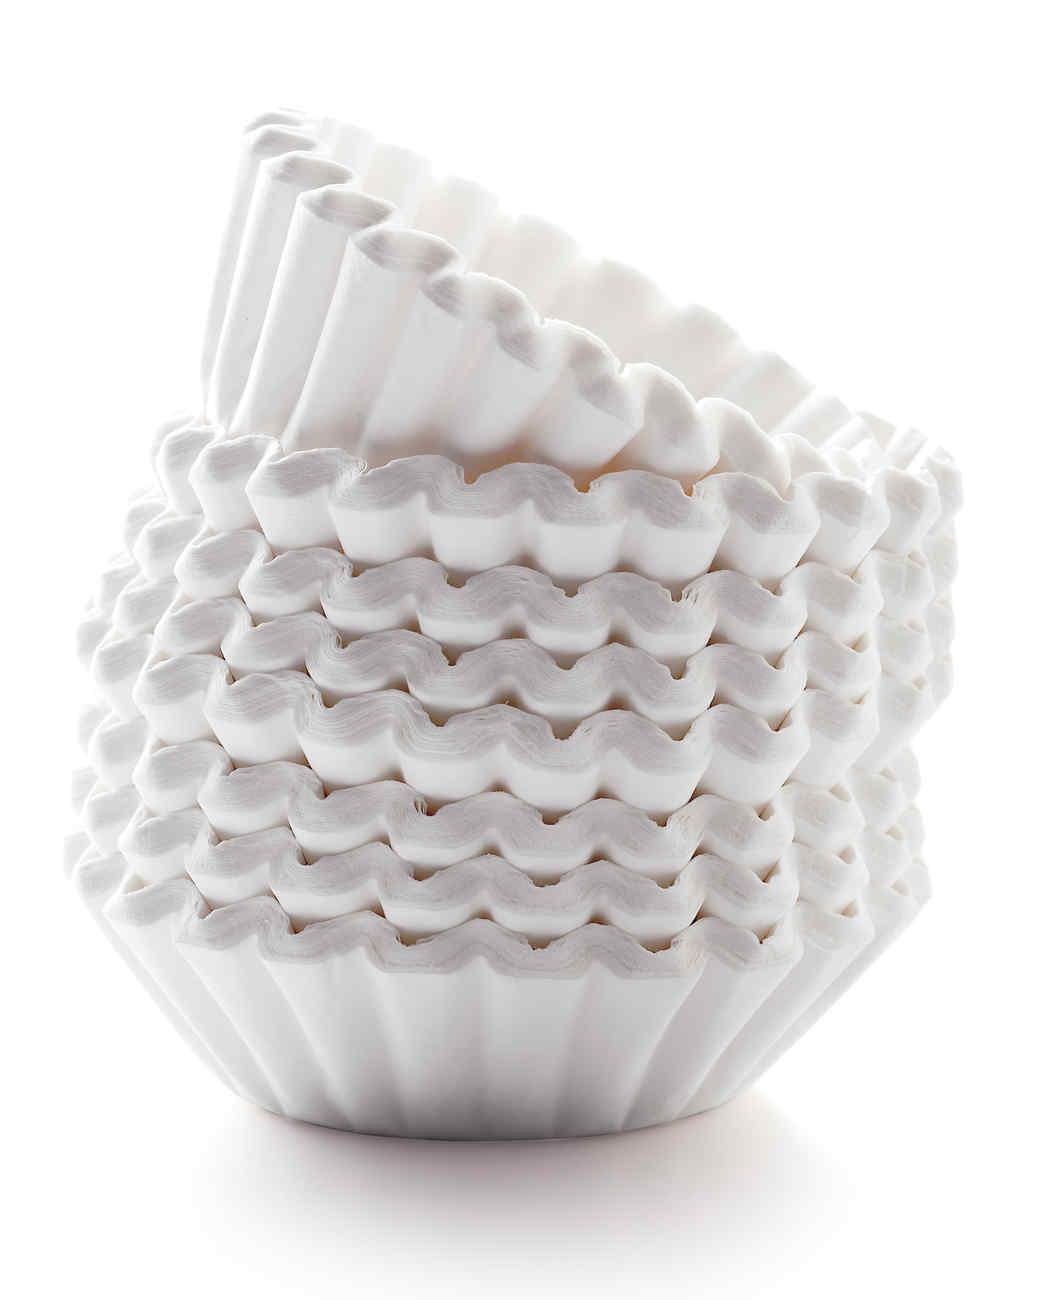 lilies-coffee-filters-mld109925.jpg